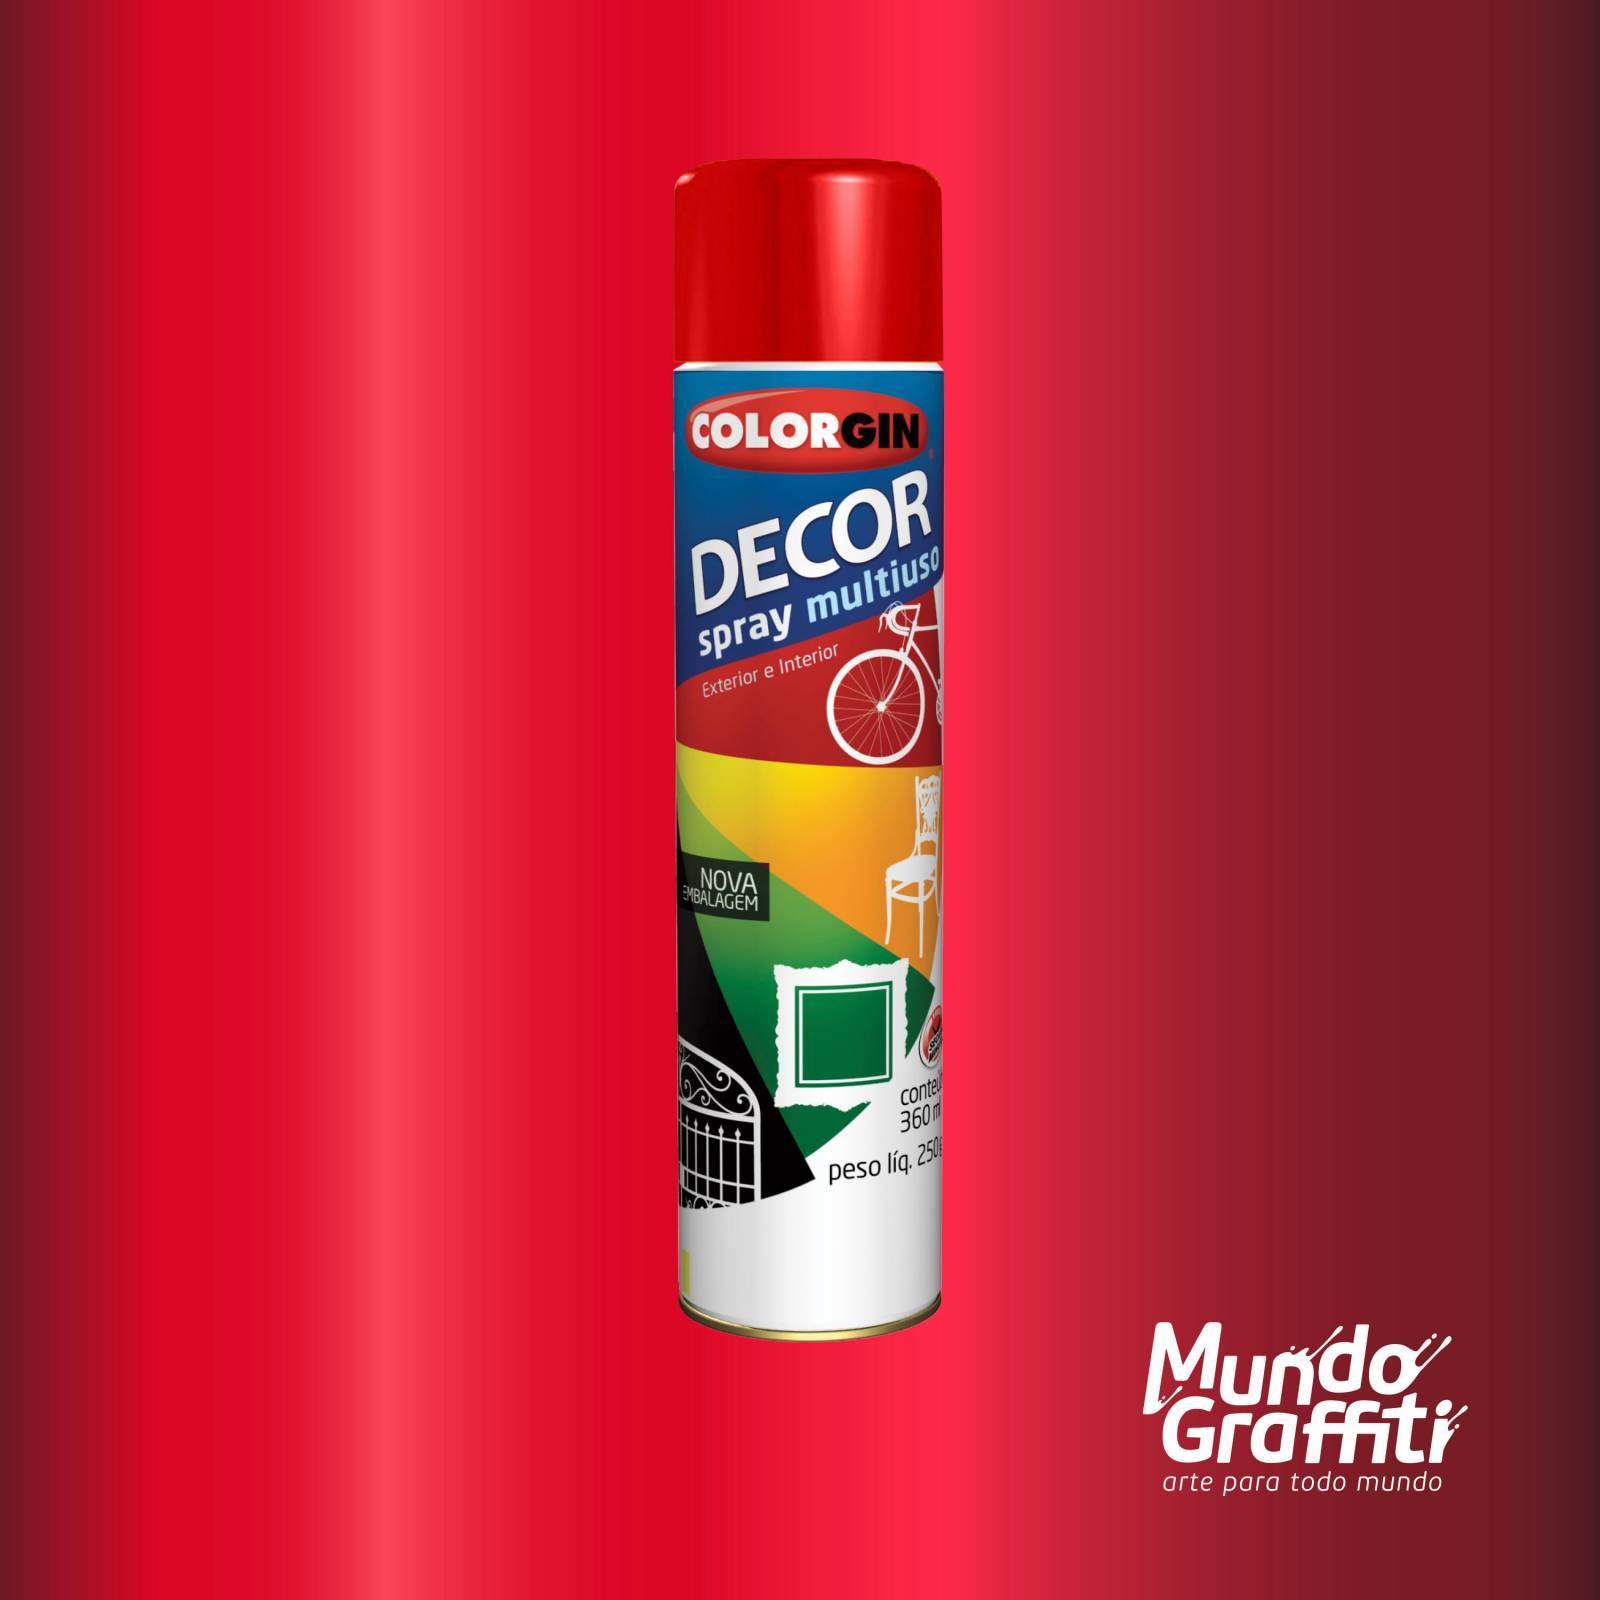 Tinta Spray Colorgin Decor 8771 Vermelho Metalico 360ml - Mundo Graffiti